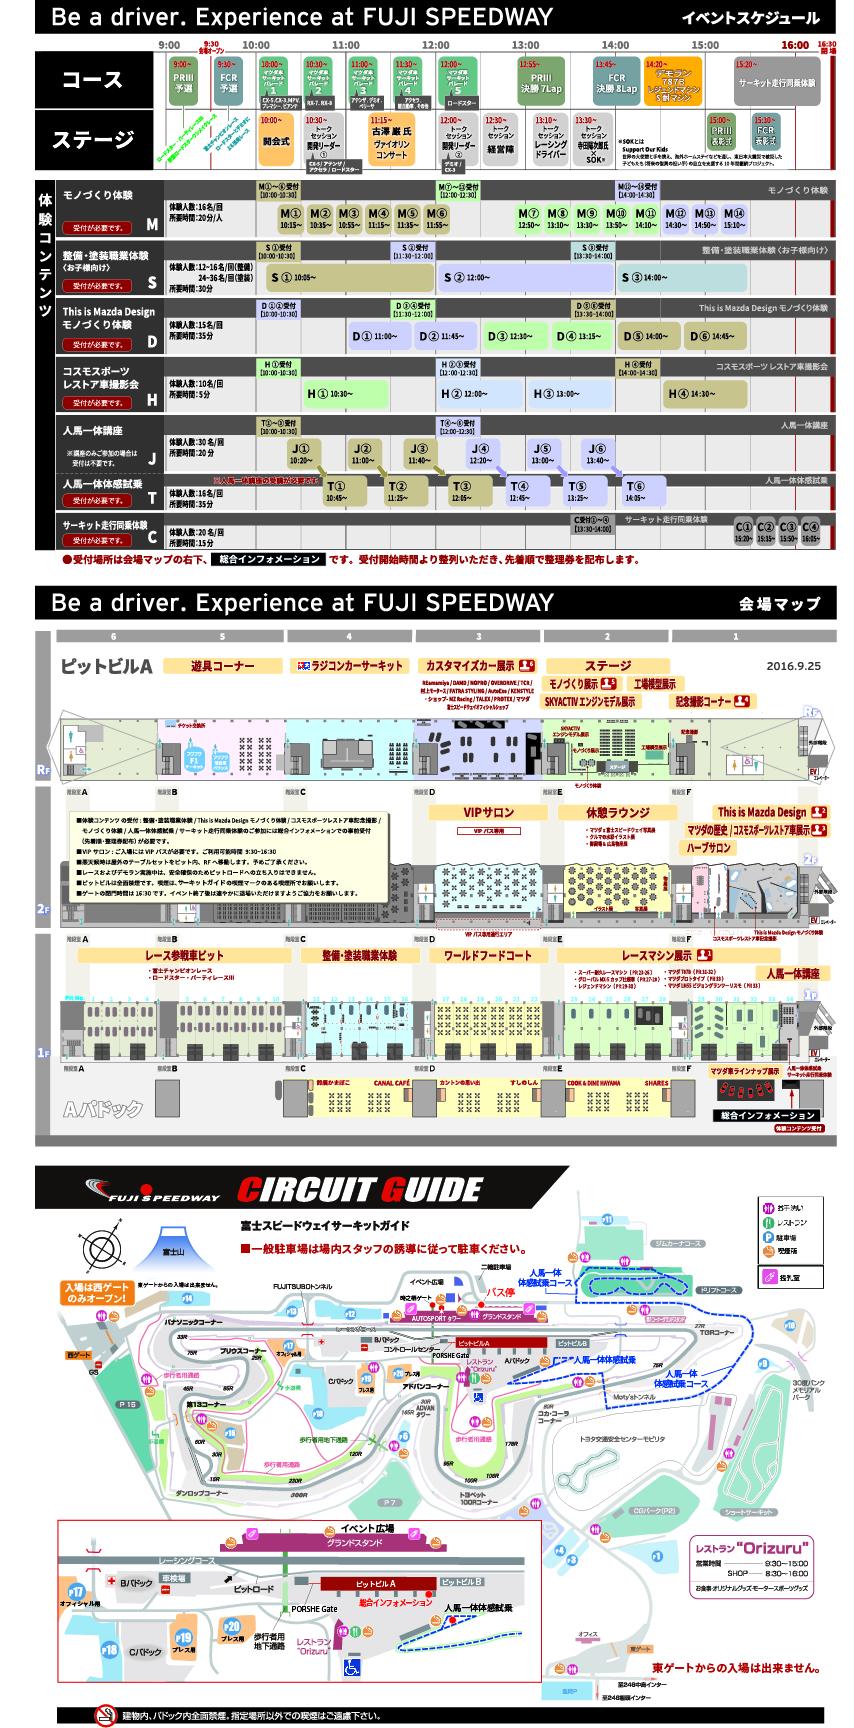 イベントスケジュール・会場マップ